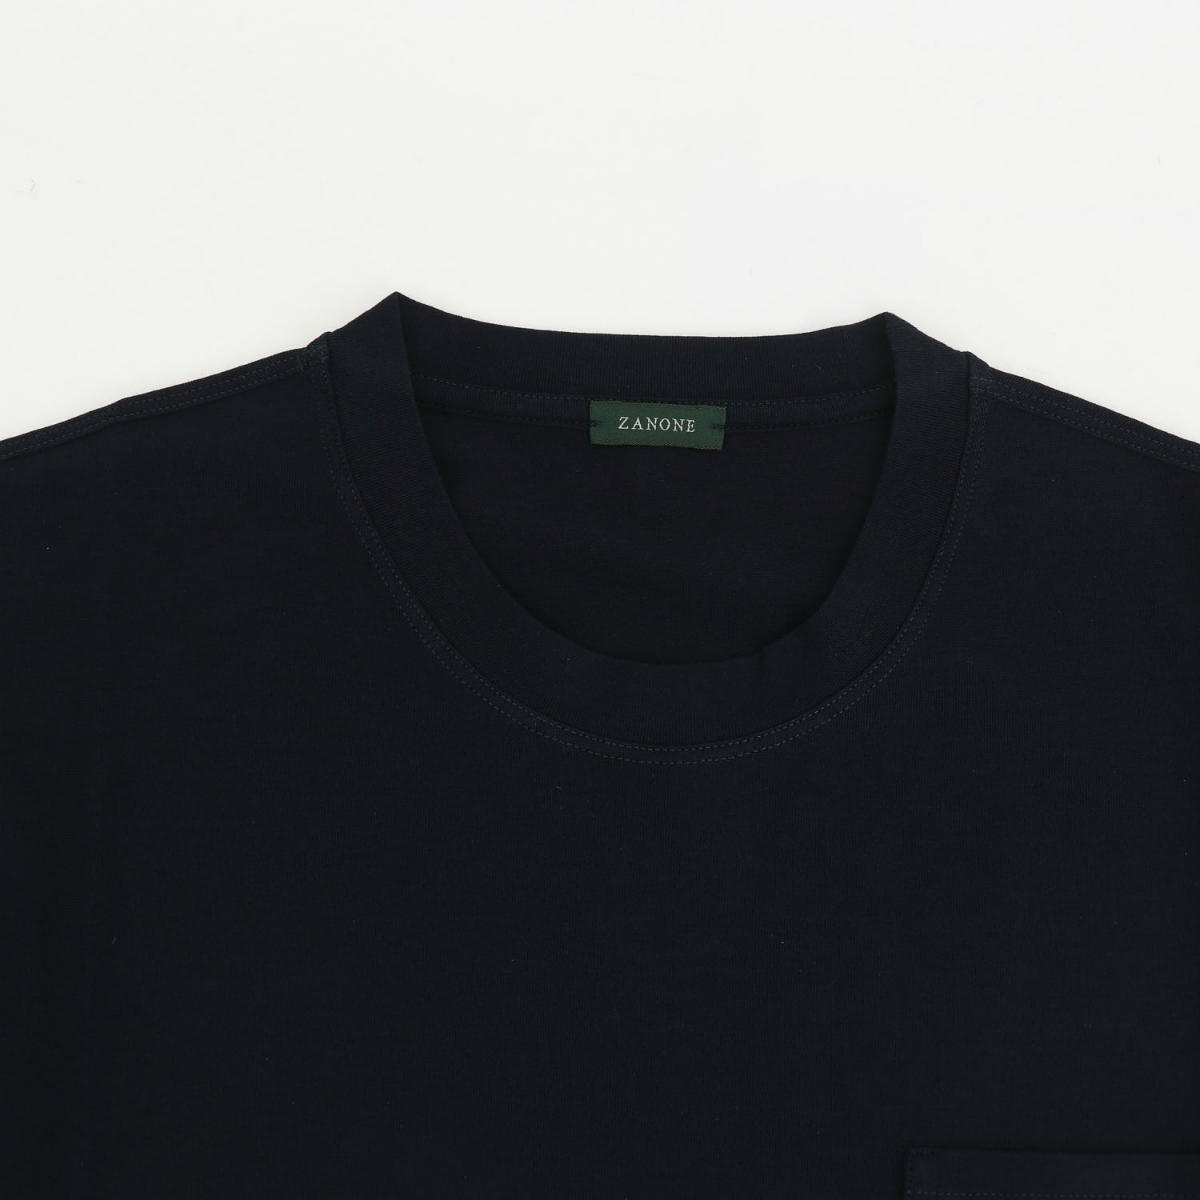 ザノーネ ZANONE メンズ アイスコットン クルーネック ポケットTシャツ レギュラーフィット T-SHIRT MC ROUND NECK 812477 ZAN Z0380 Z0542(ネイビー) 春夏新作